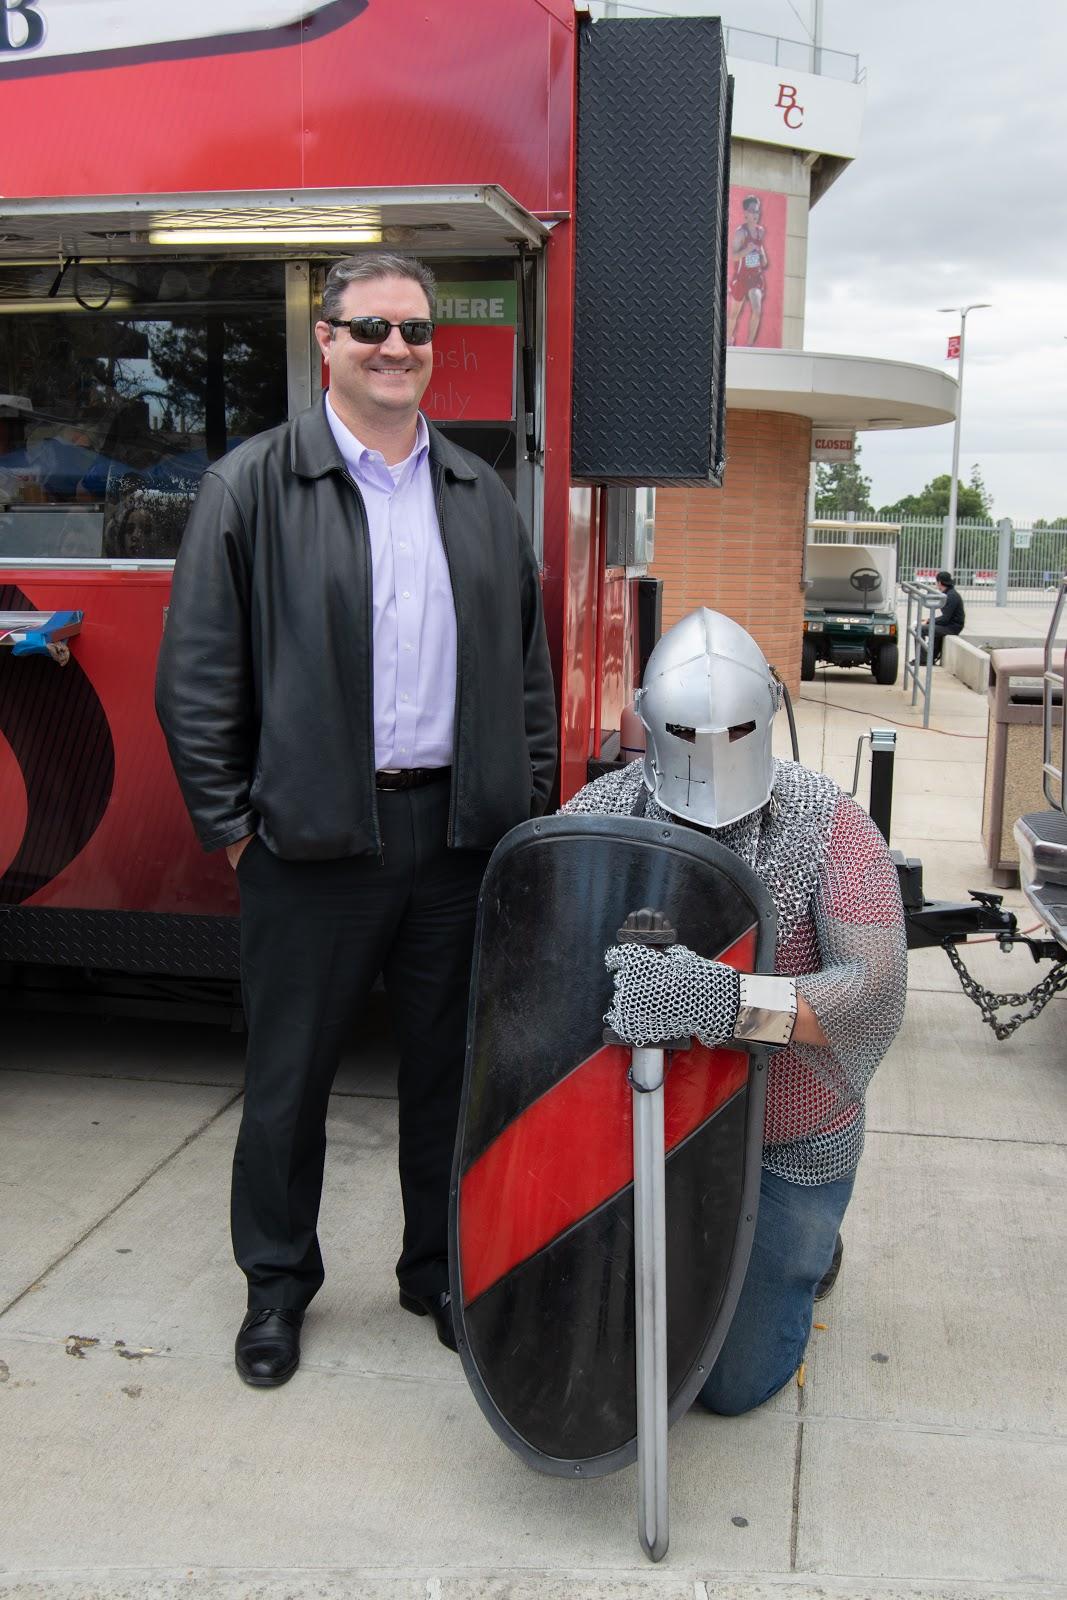 带着骑士吉祥物的迈克·吉科米尼。